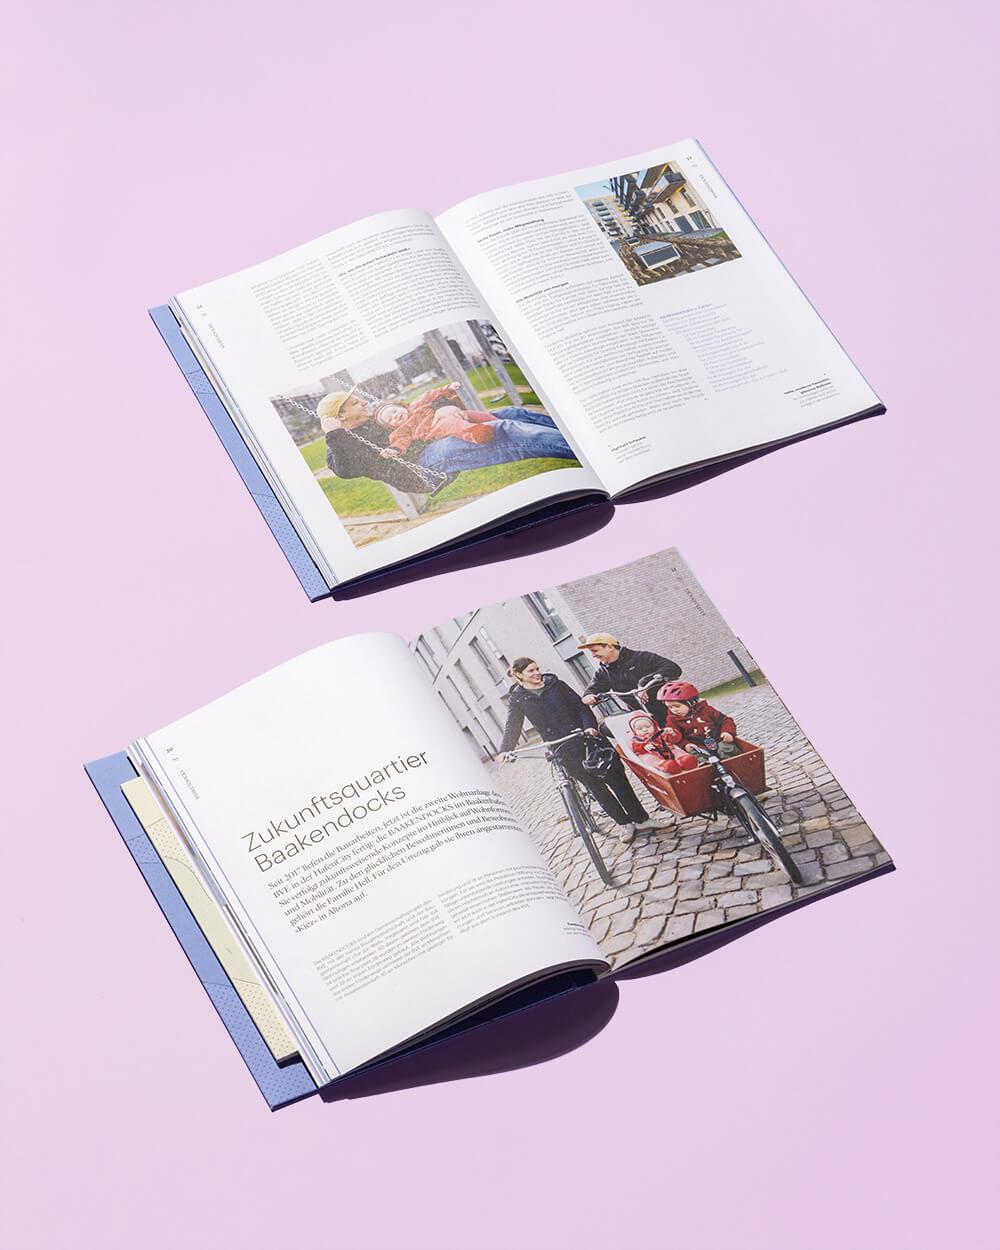 EIGA_BVE_Annual_Report_2019_07